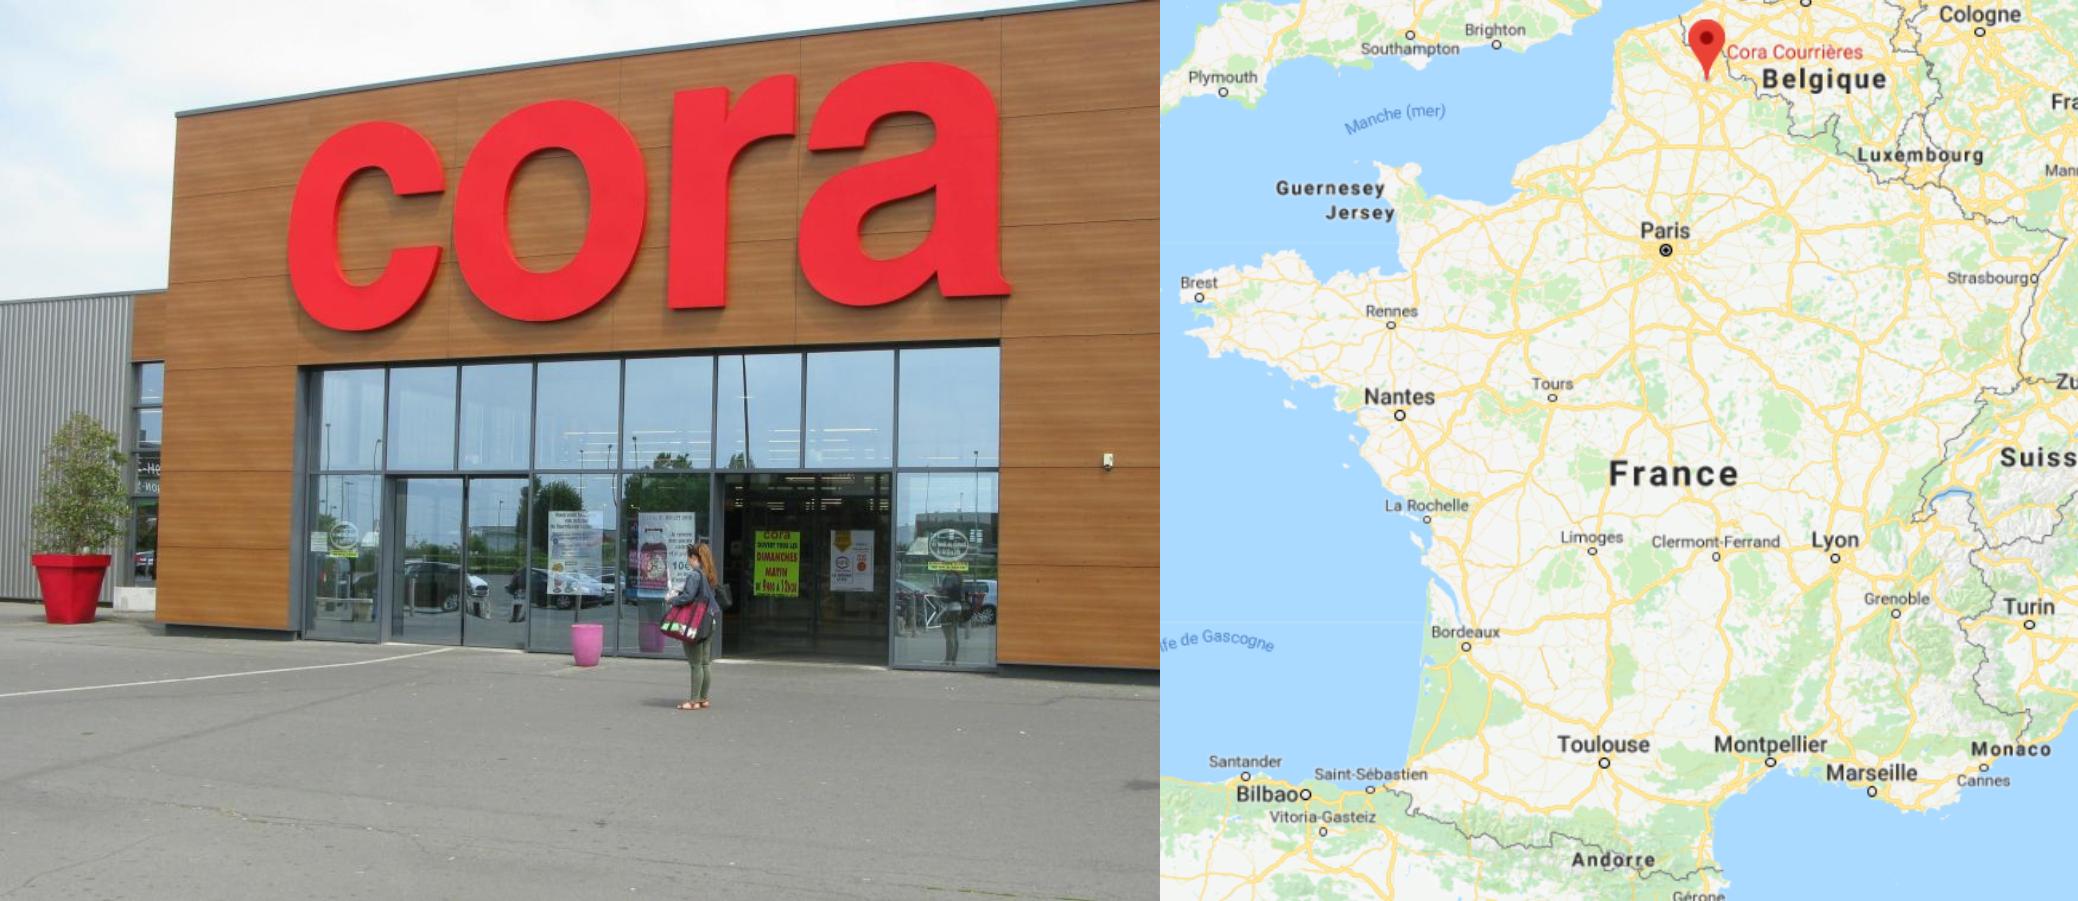 Centre commercial Cora Courrières